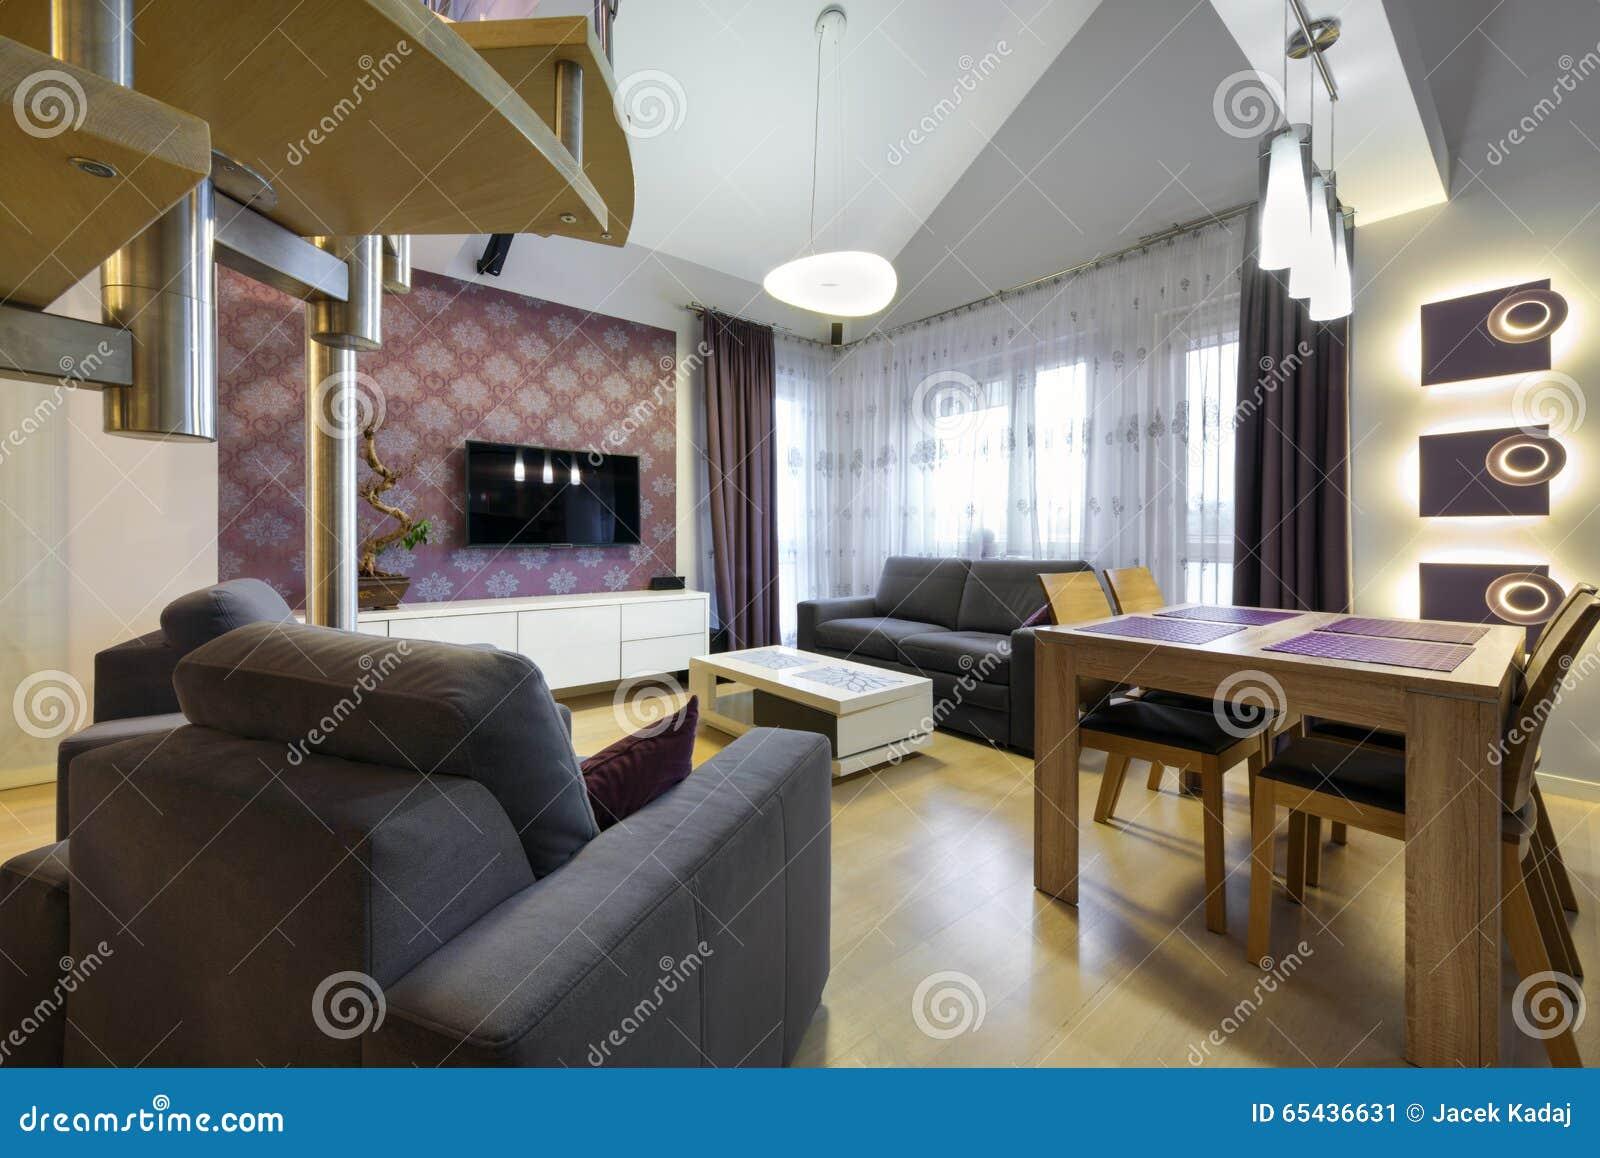 appartamento di lusso moderno di interior design immagine